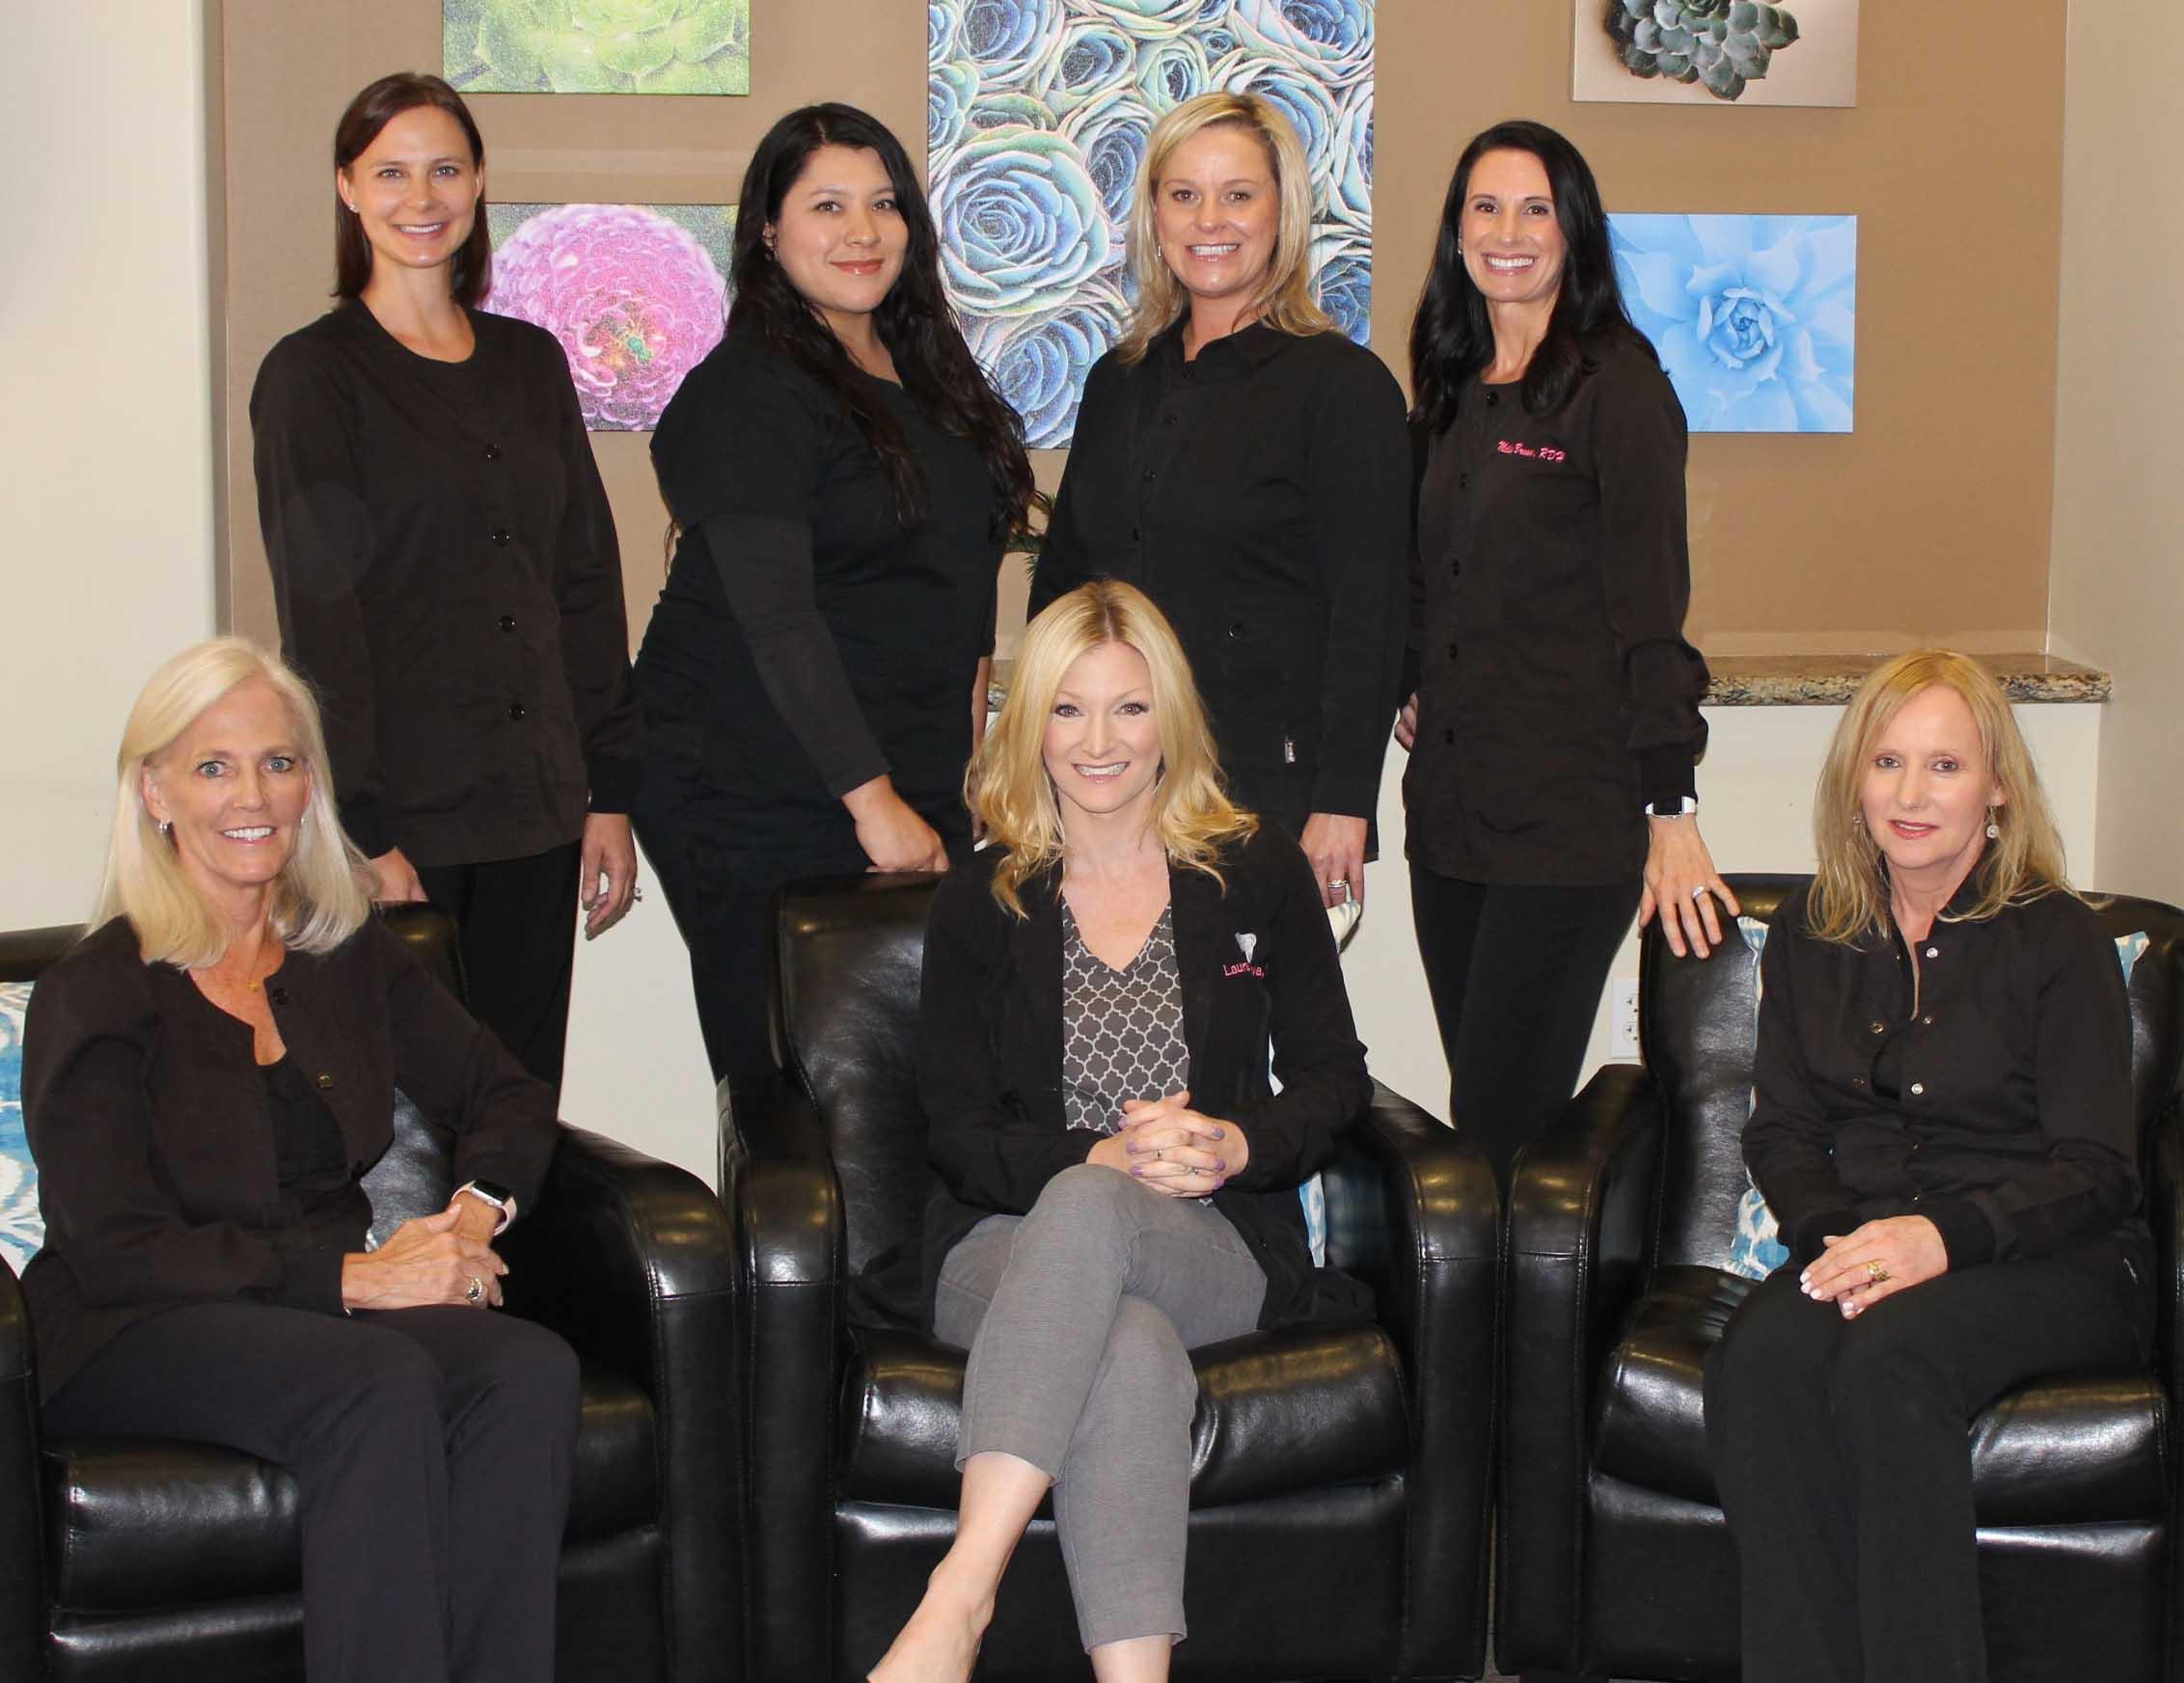 dentist north scottsdale dentistry scottsdale AZ about team